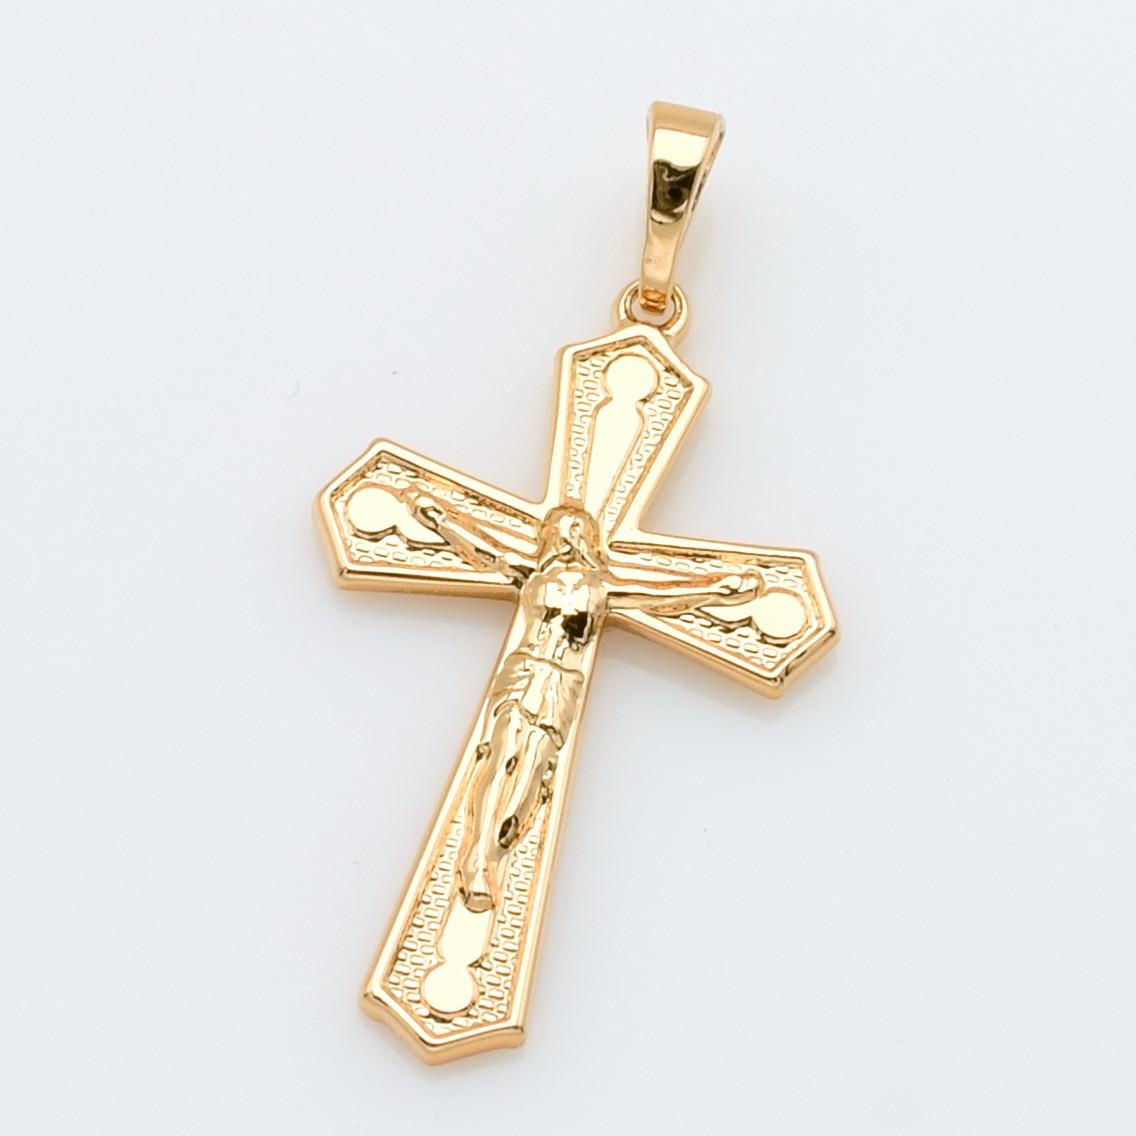 XUPING Кулон Крест Позолота 18к Высота 3.5см, Ширина 1.8см